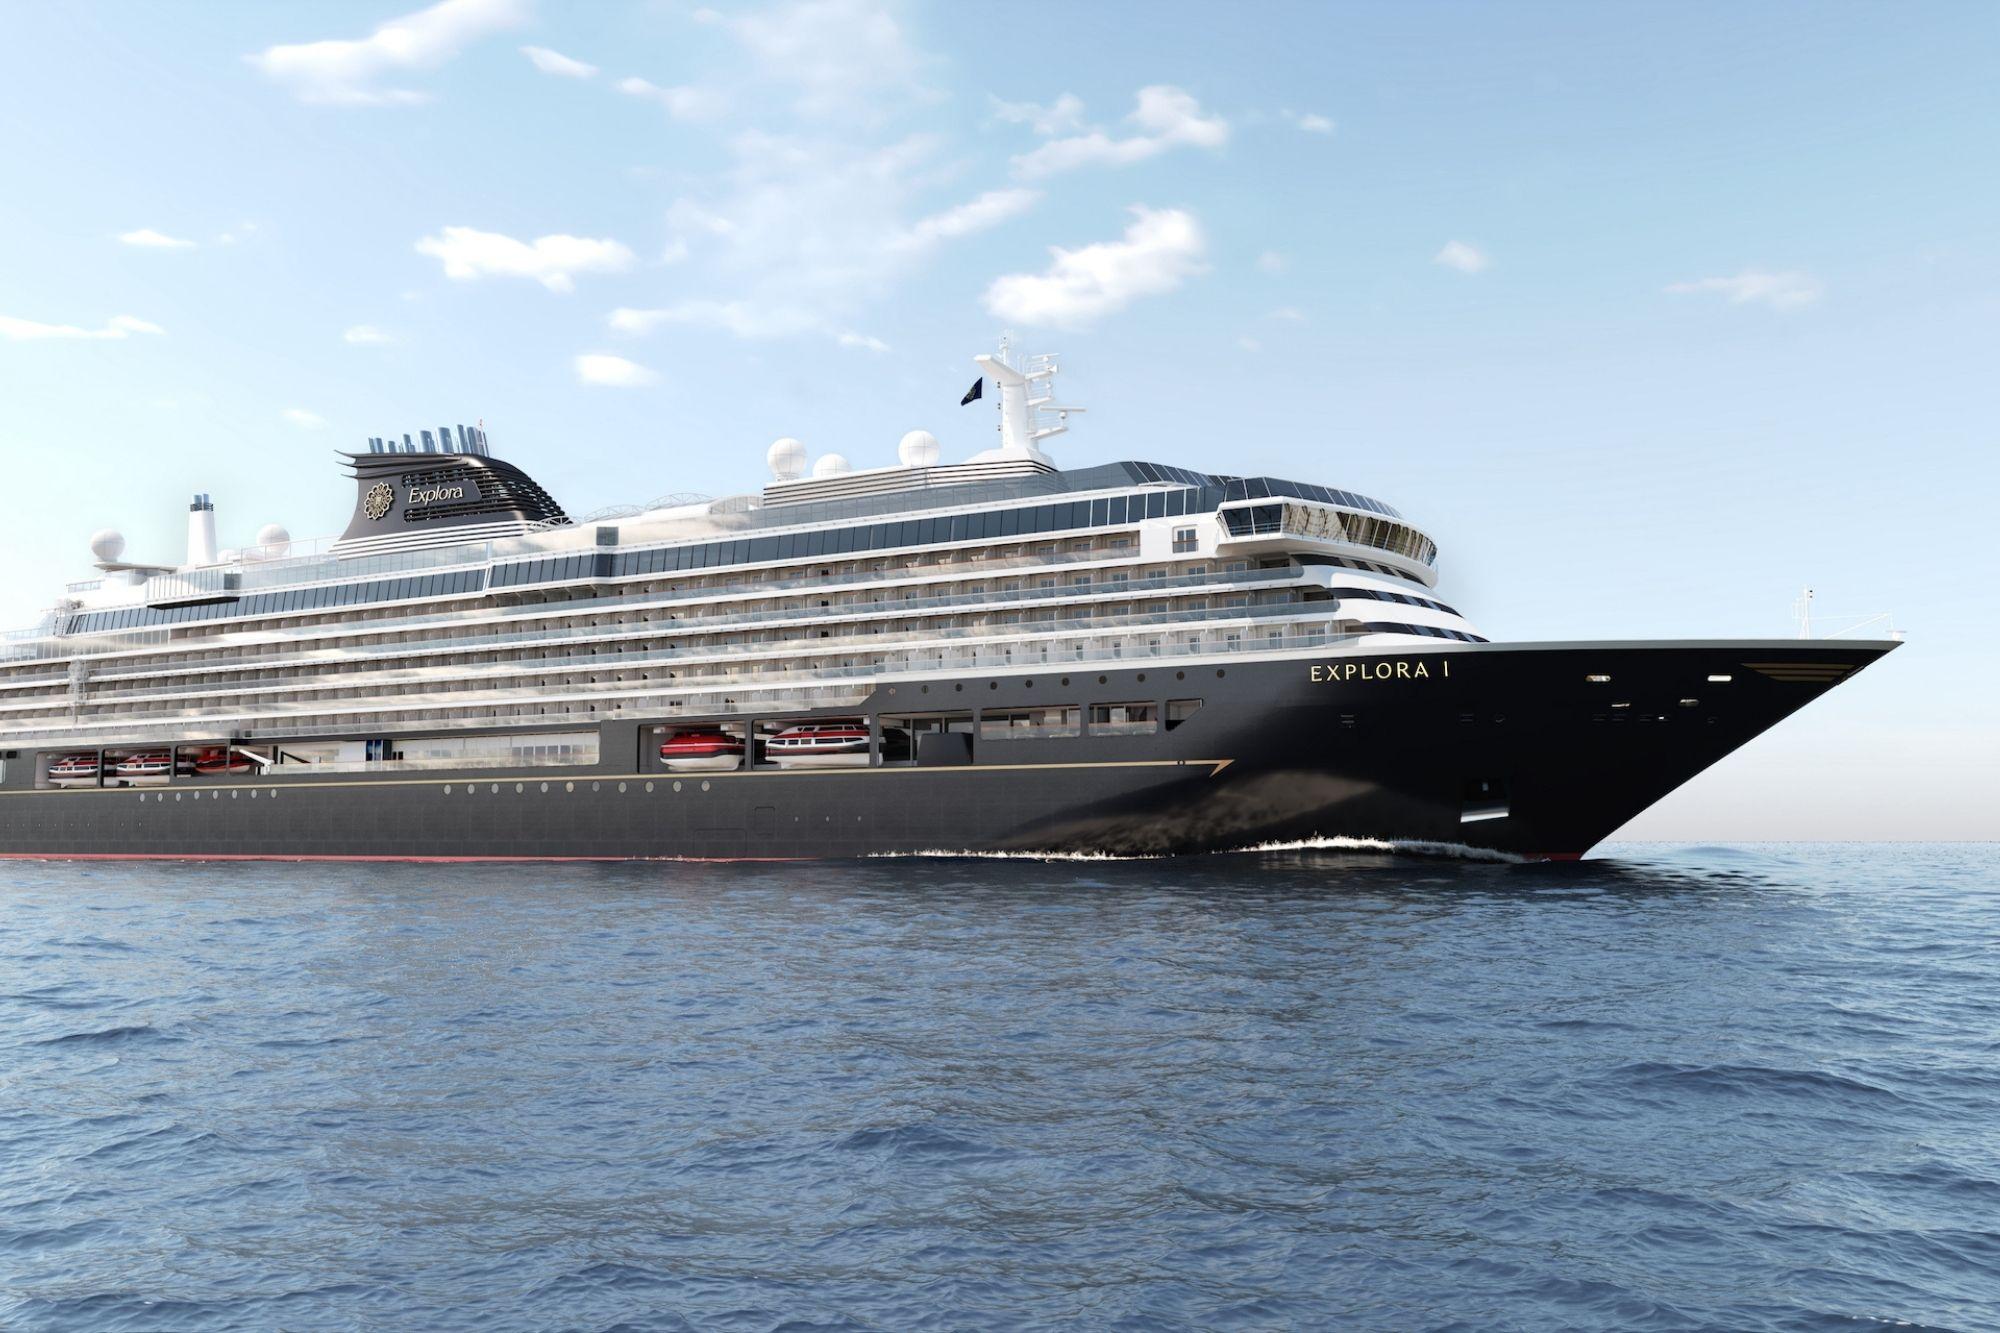 MSC stellt neue Luxusmarke ,,Explora Journeys'' vor